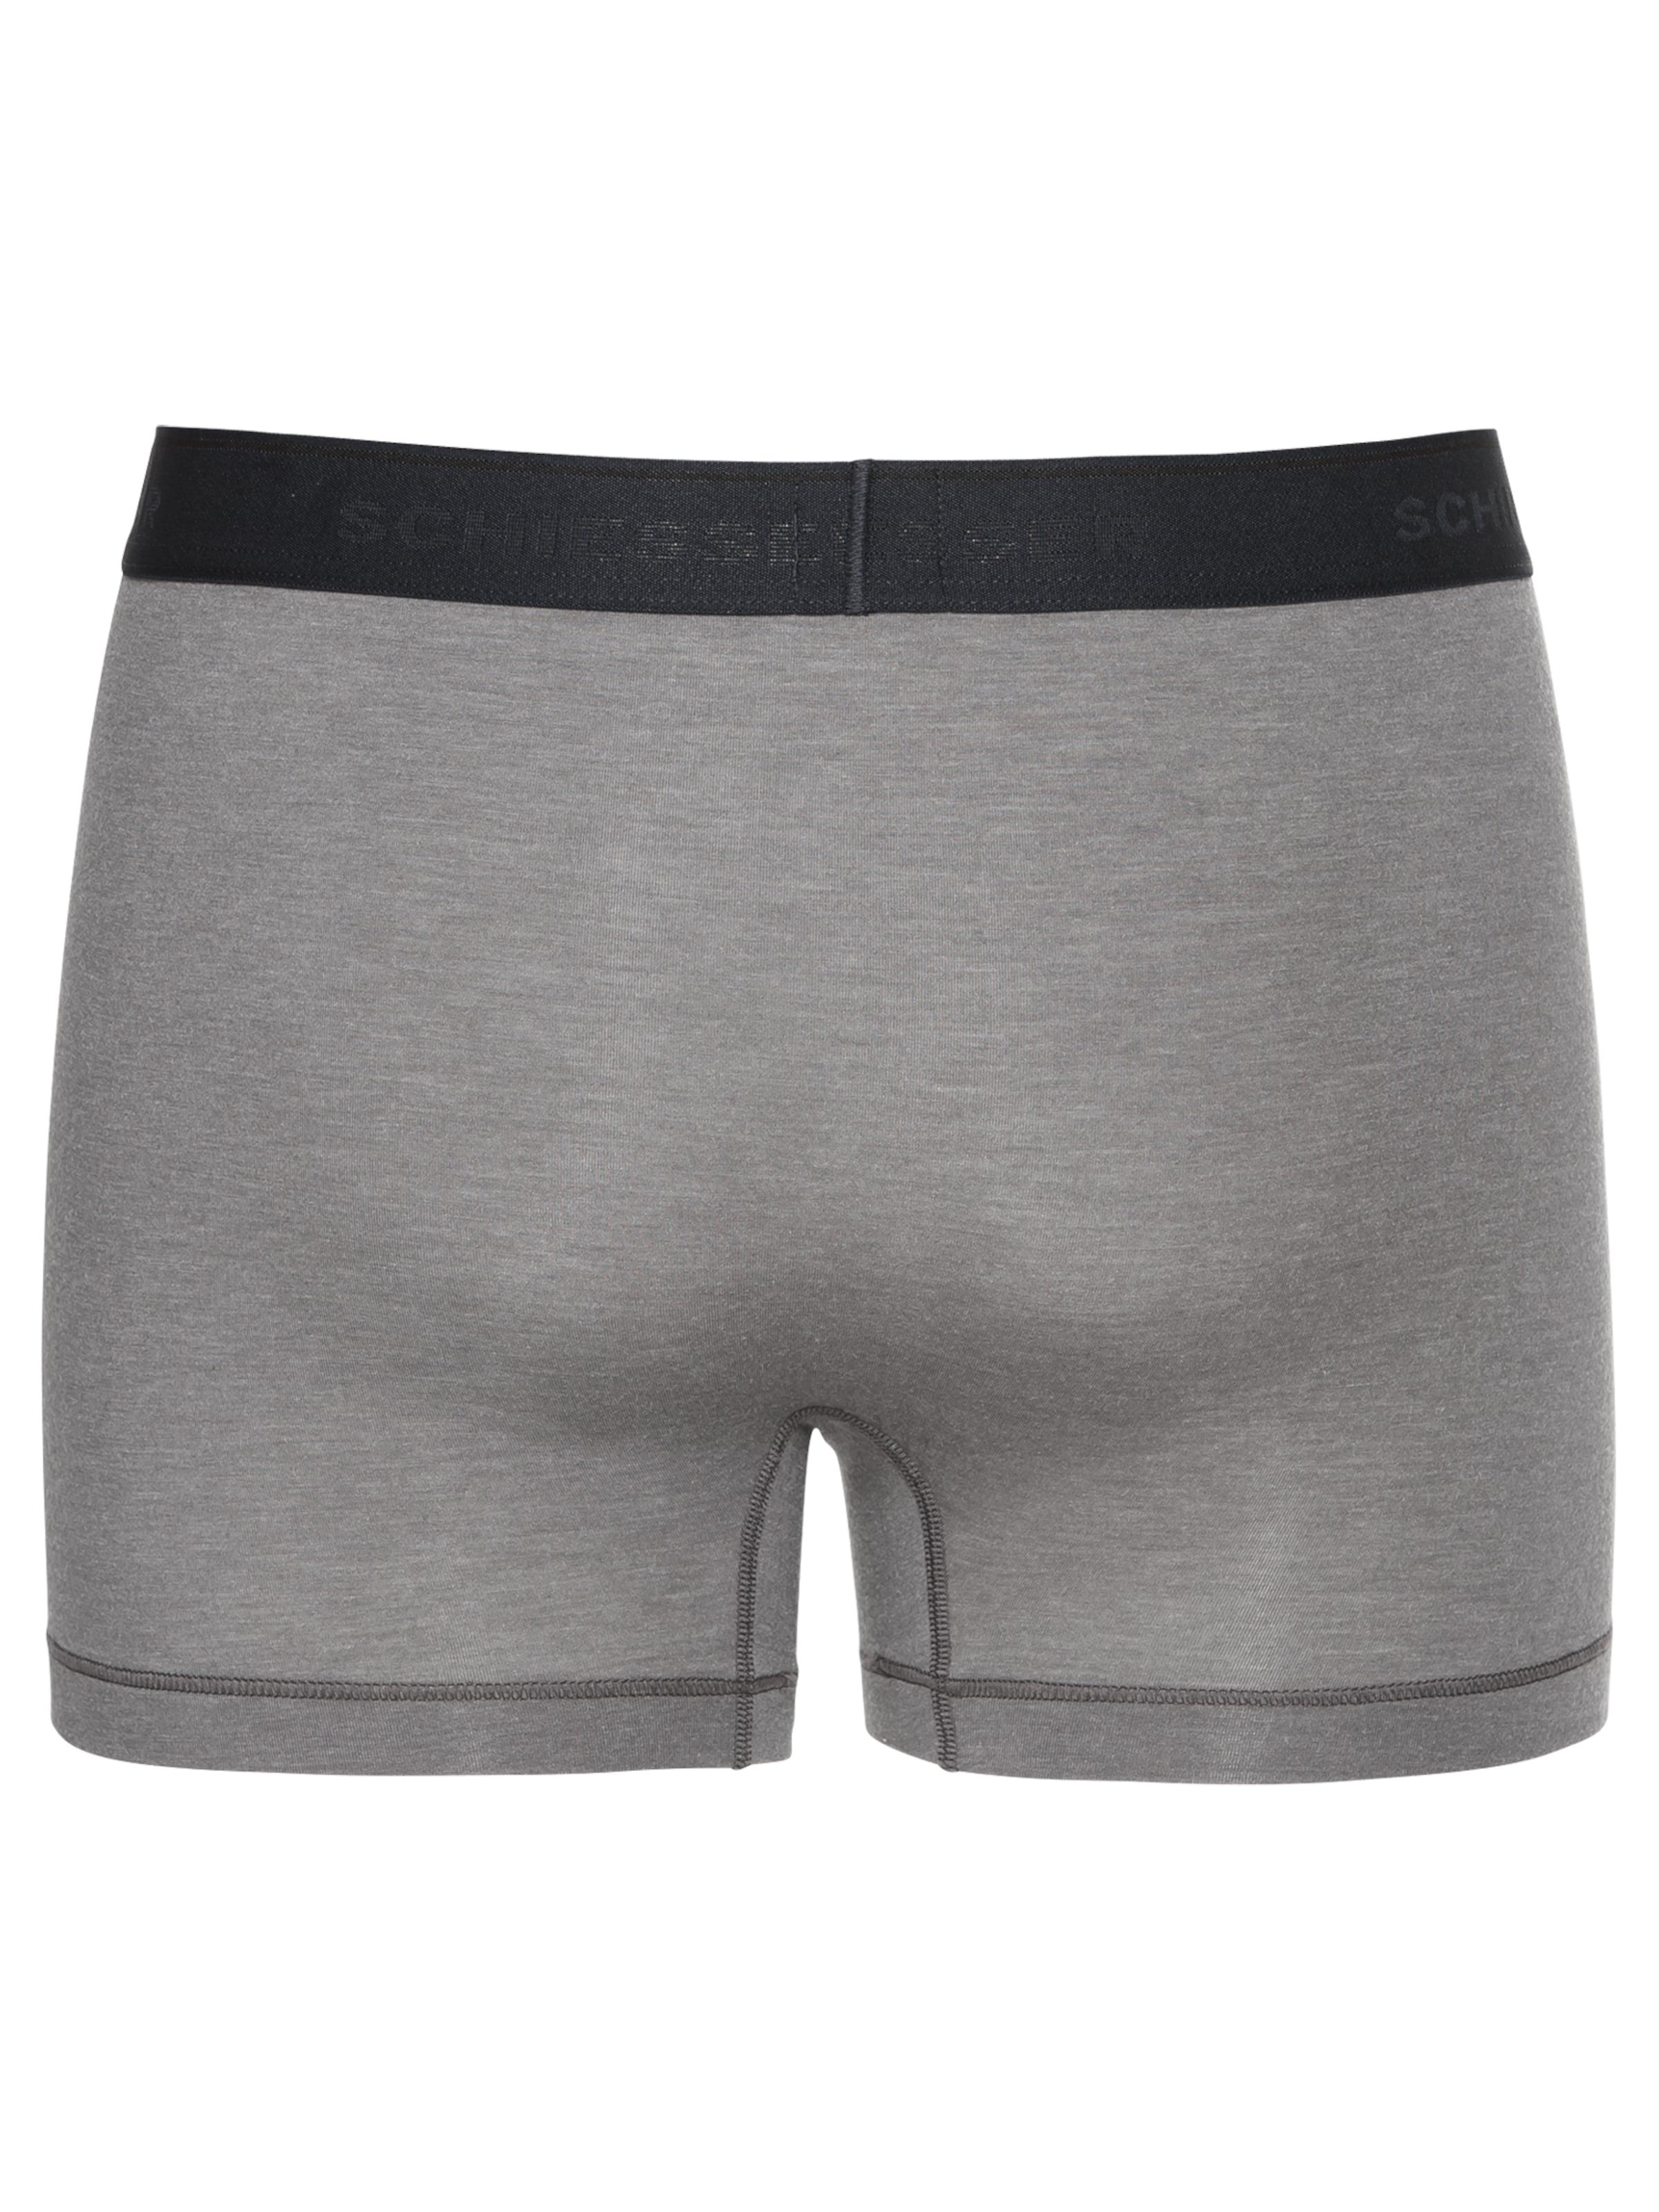 En Schiesser 'shorts' Boxers FoncéNoir Gris 1lJK3TcF